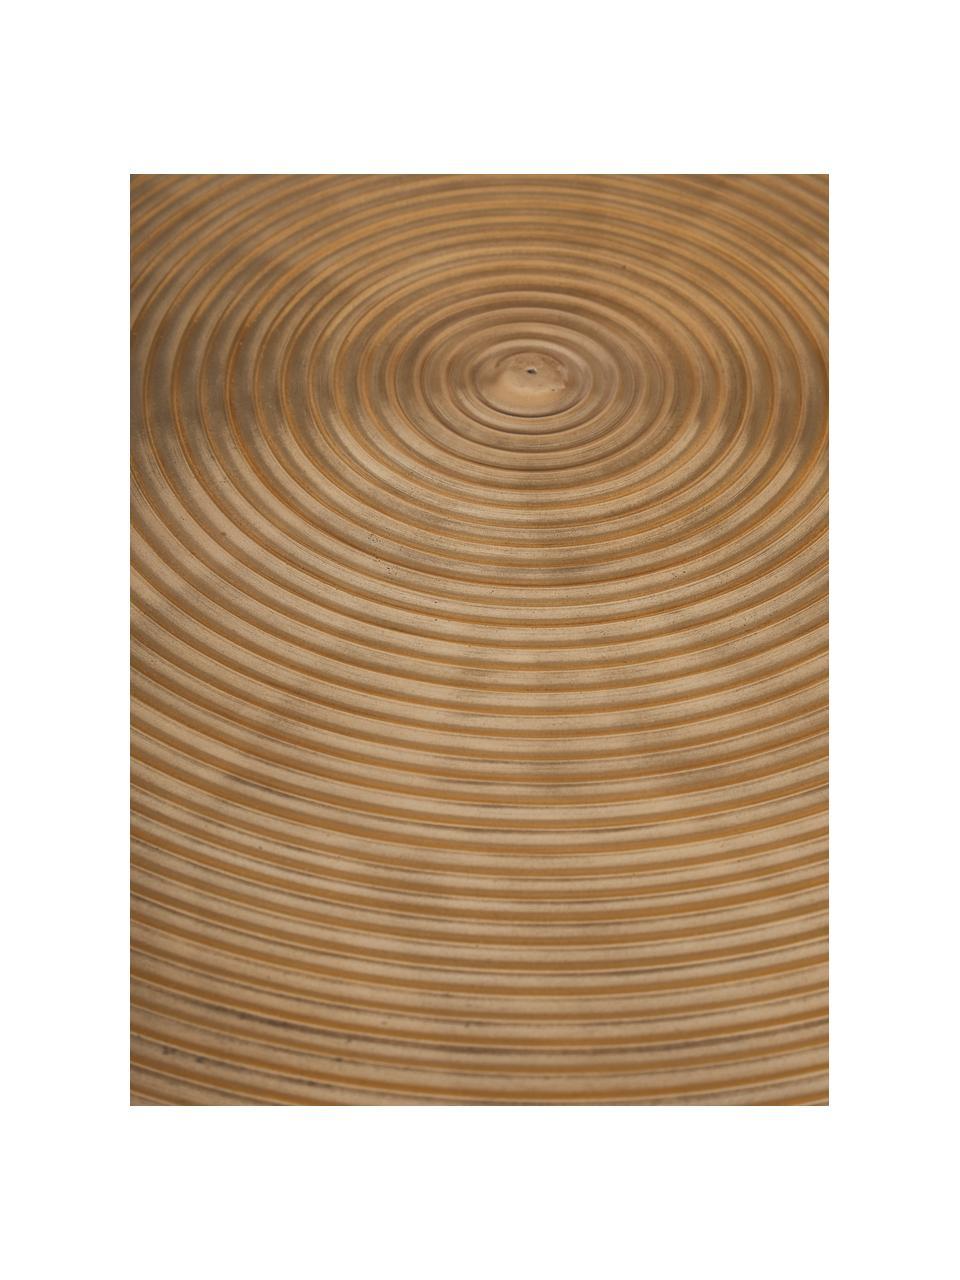 Runder Esstisch Hypnotising, Ø 92 cm, Aluminium, lackiert, Messingfarben, Ø 92 x H 76 cm